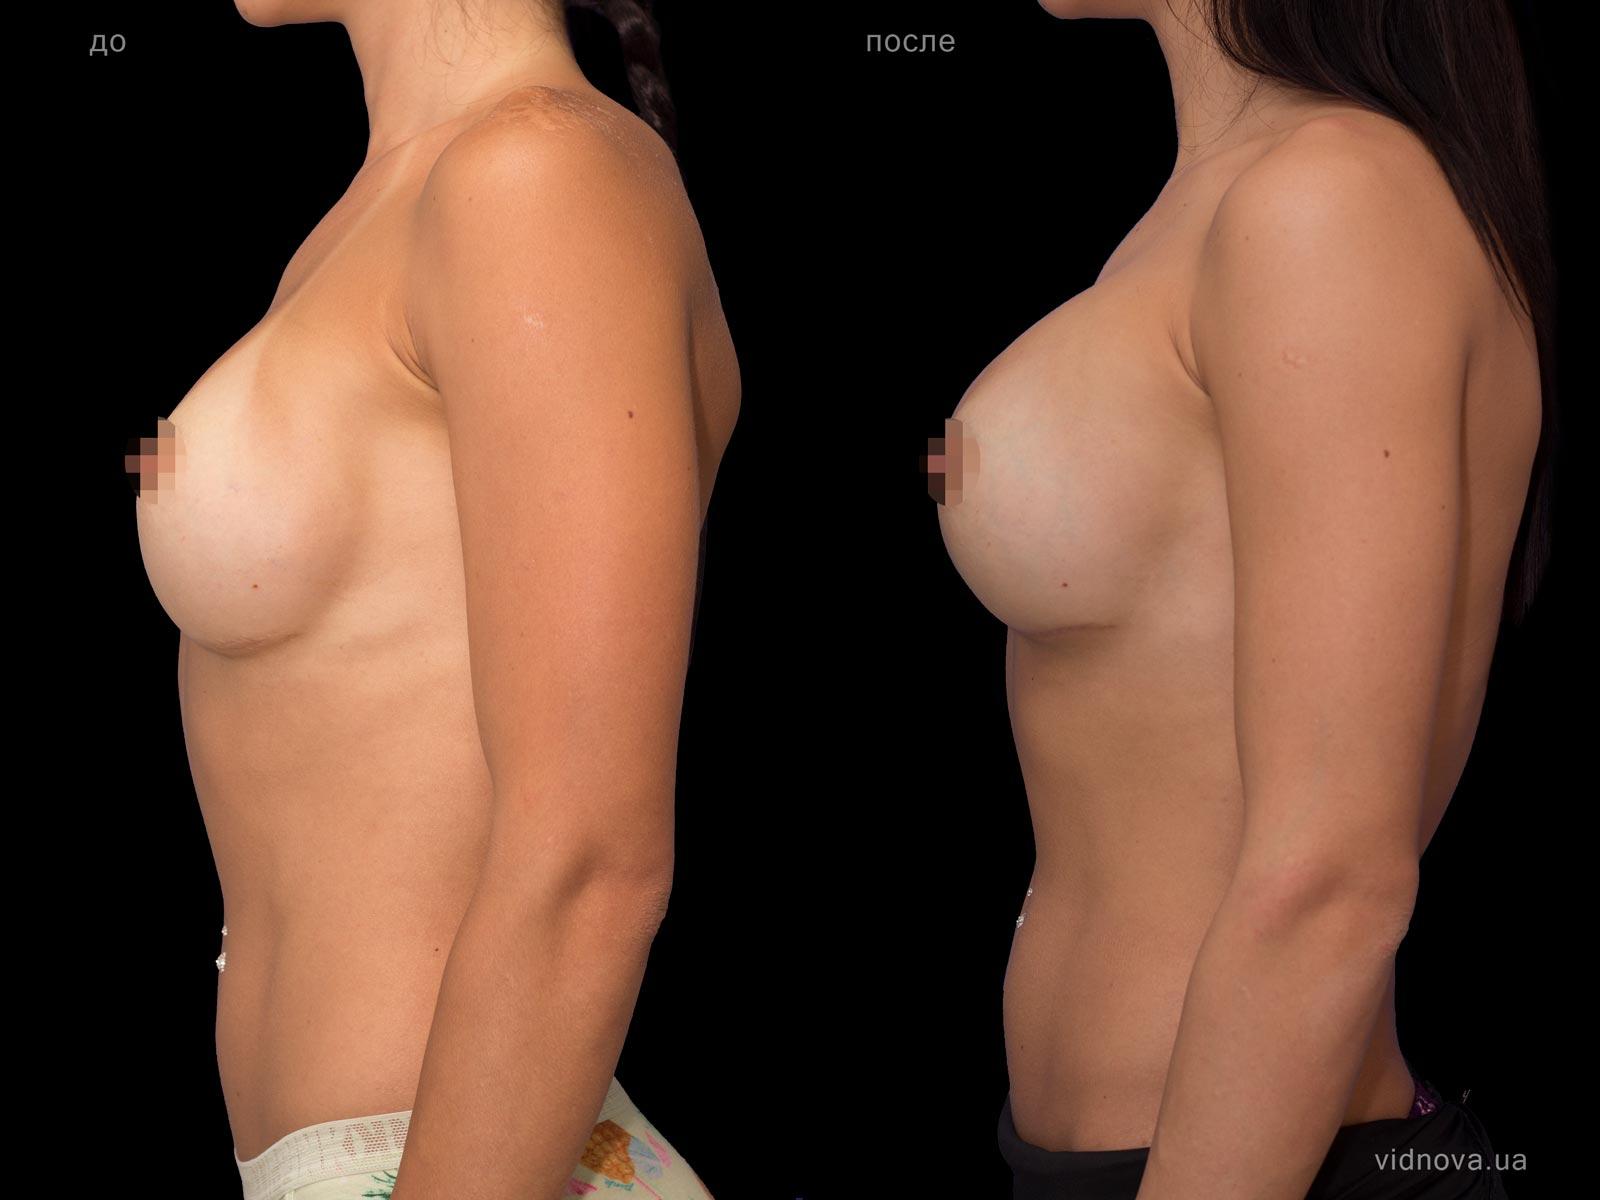 Пластика груди: результаты до и после - Пример №72-2 - Светлана Работенко